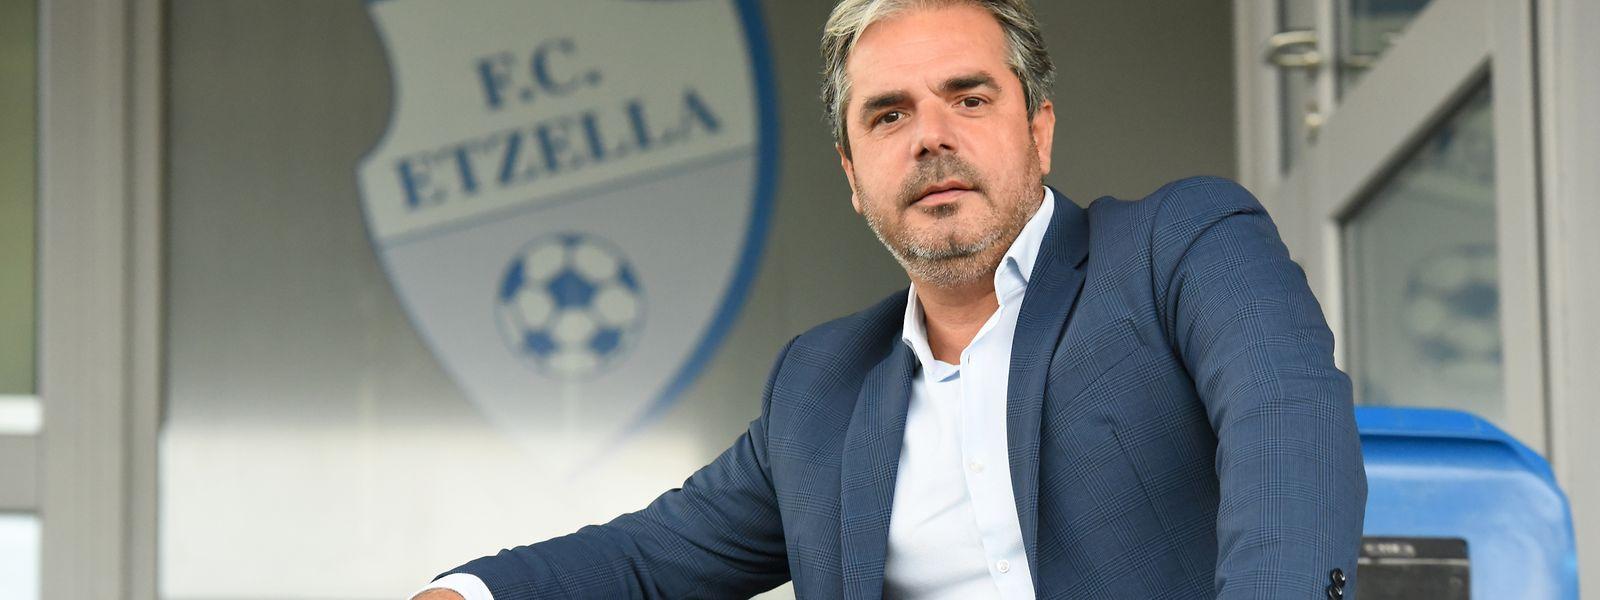 Tun di Bari ist seit elf Jahren der Präsident des FC Etzella.